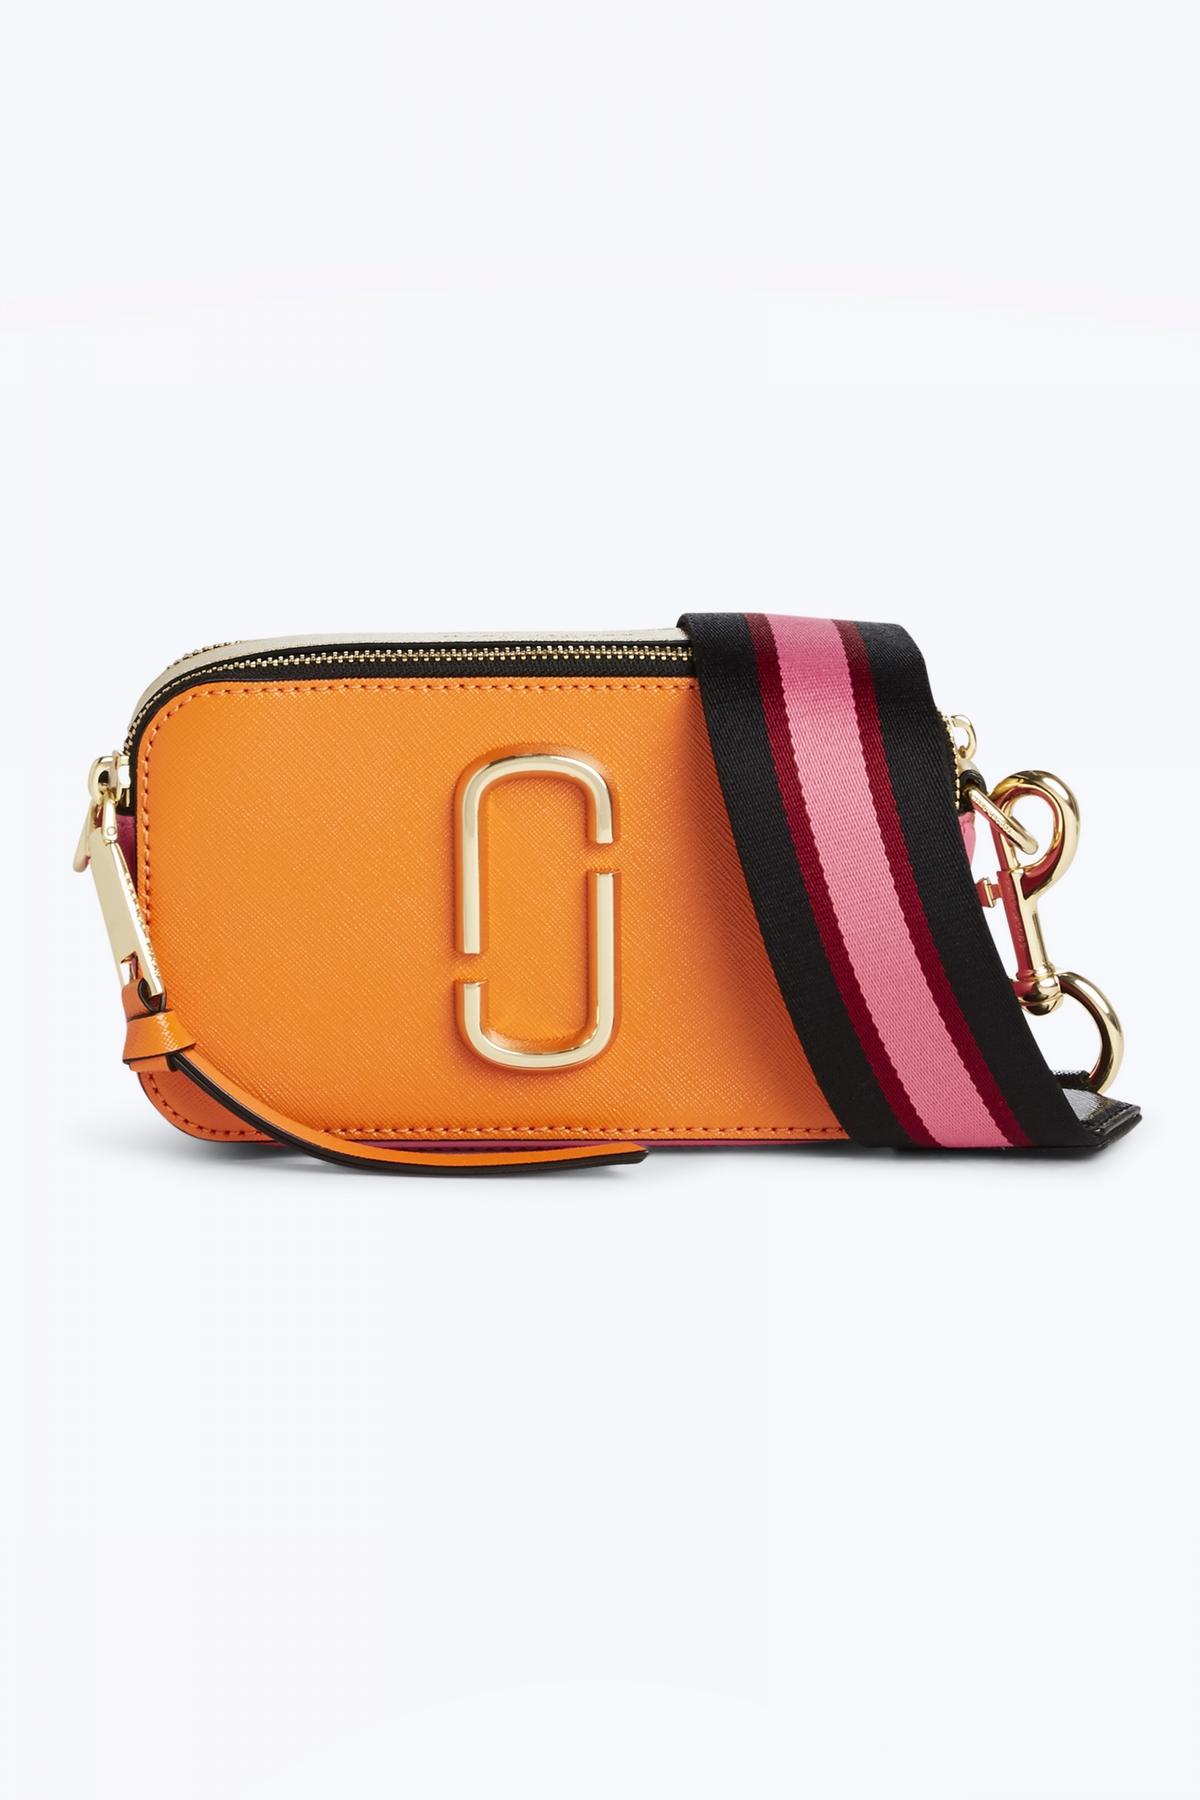 Marc Jacobs相機包又推粉嫩新色!海水藍、蜜柑橘,再加上超潮雙J背帶